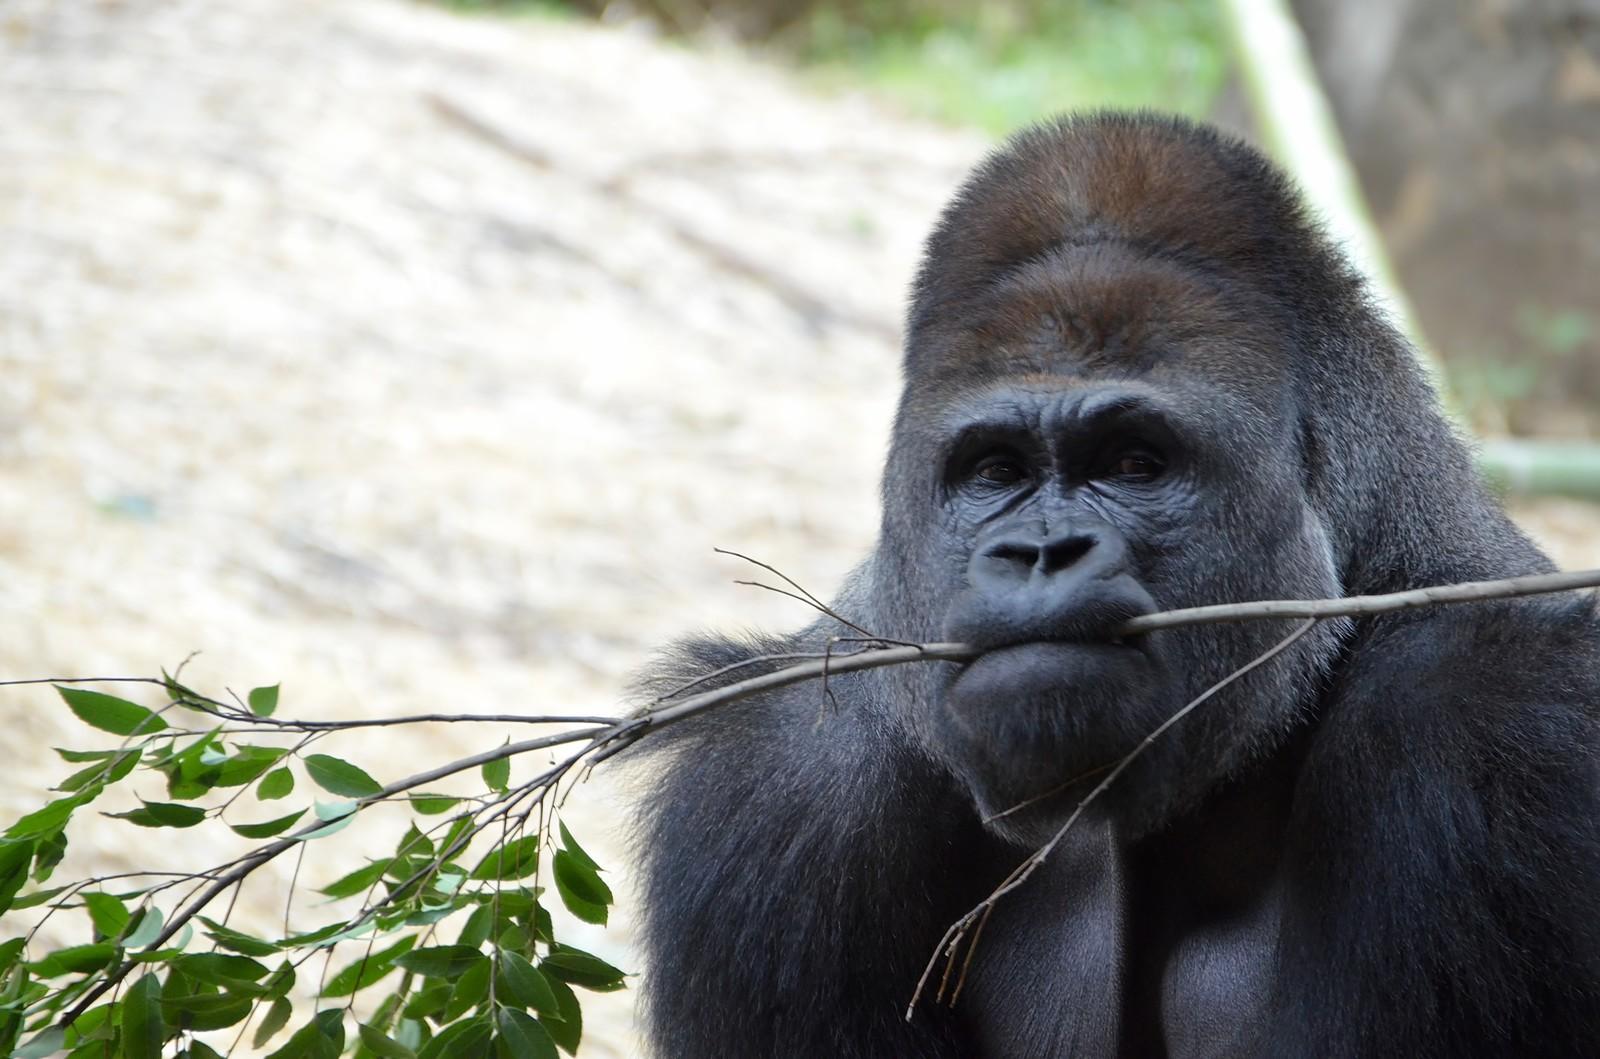 ゴリラの仲間 | 株式会社 Mountain Gorilla